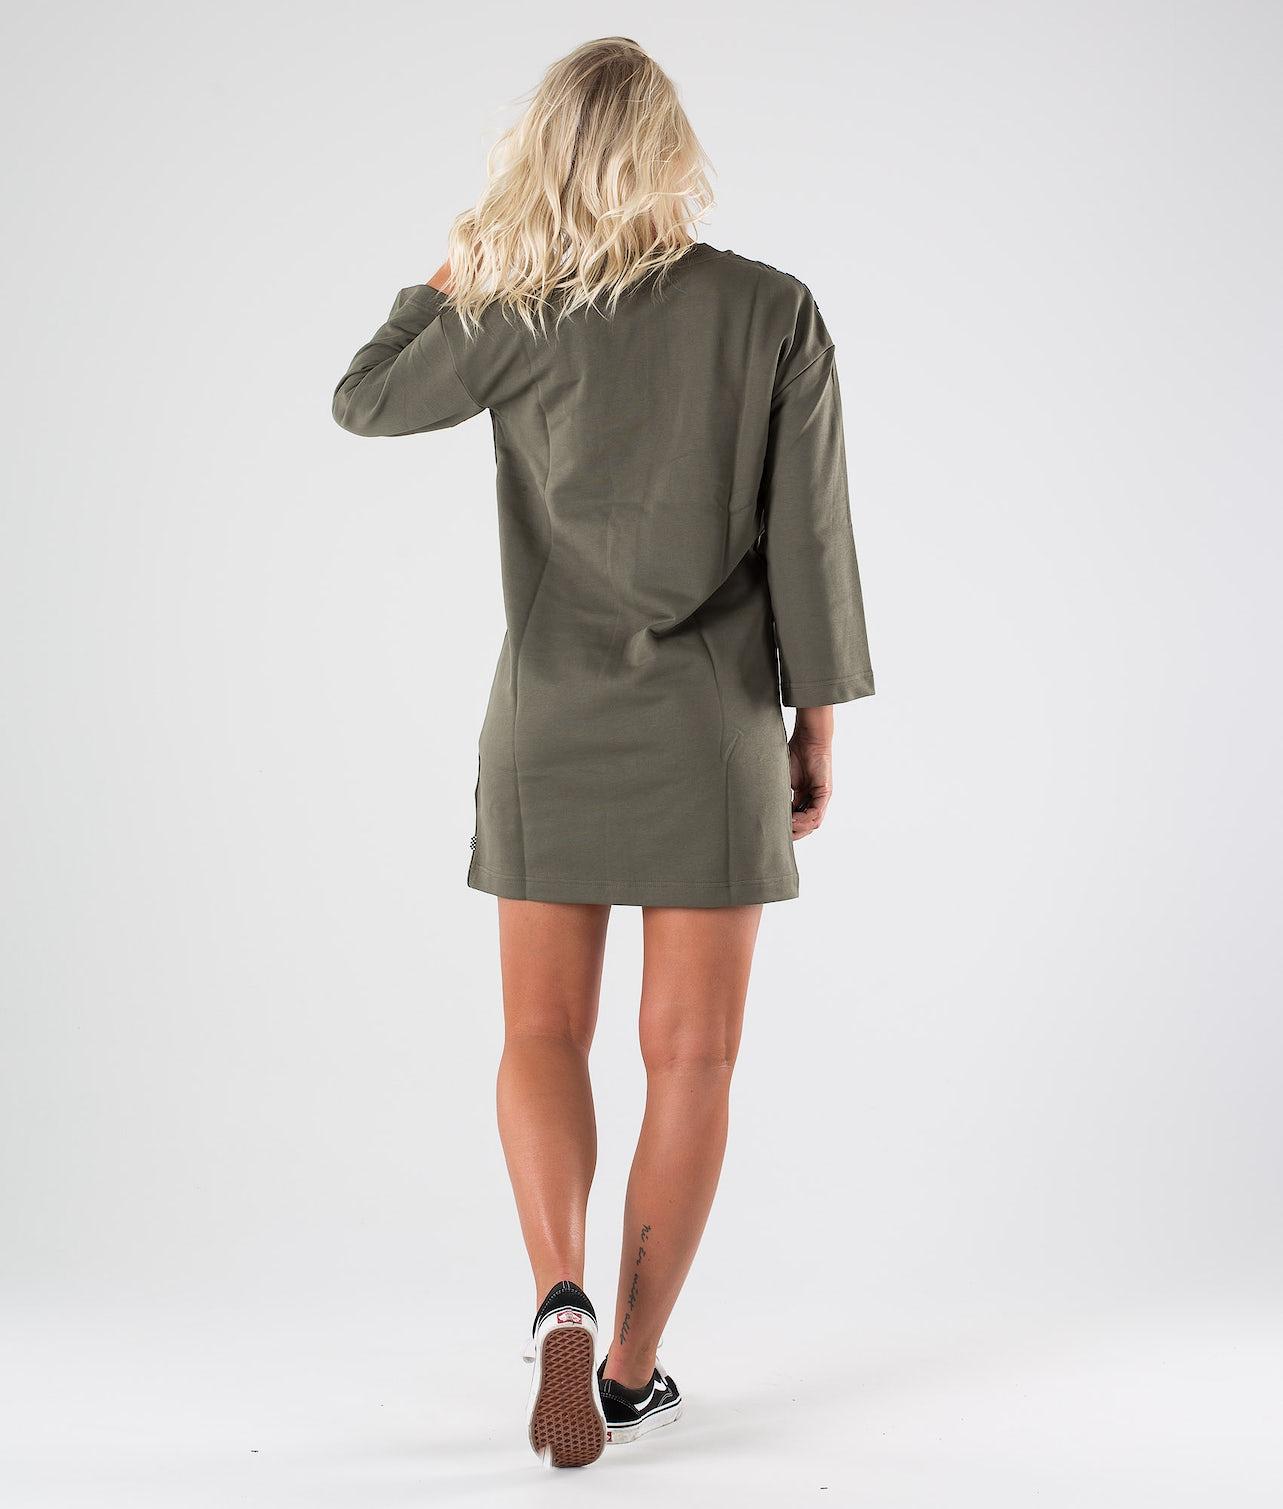 Kjøp Chromo II Dress Kjole fra Vans på Ridestore.no - Hos oss har du alltid fri frakt, fri retur og 30 dagers åpent kjøp!